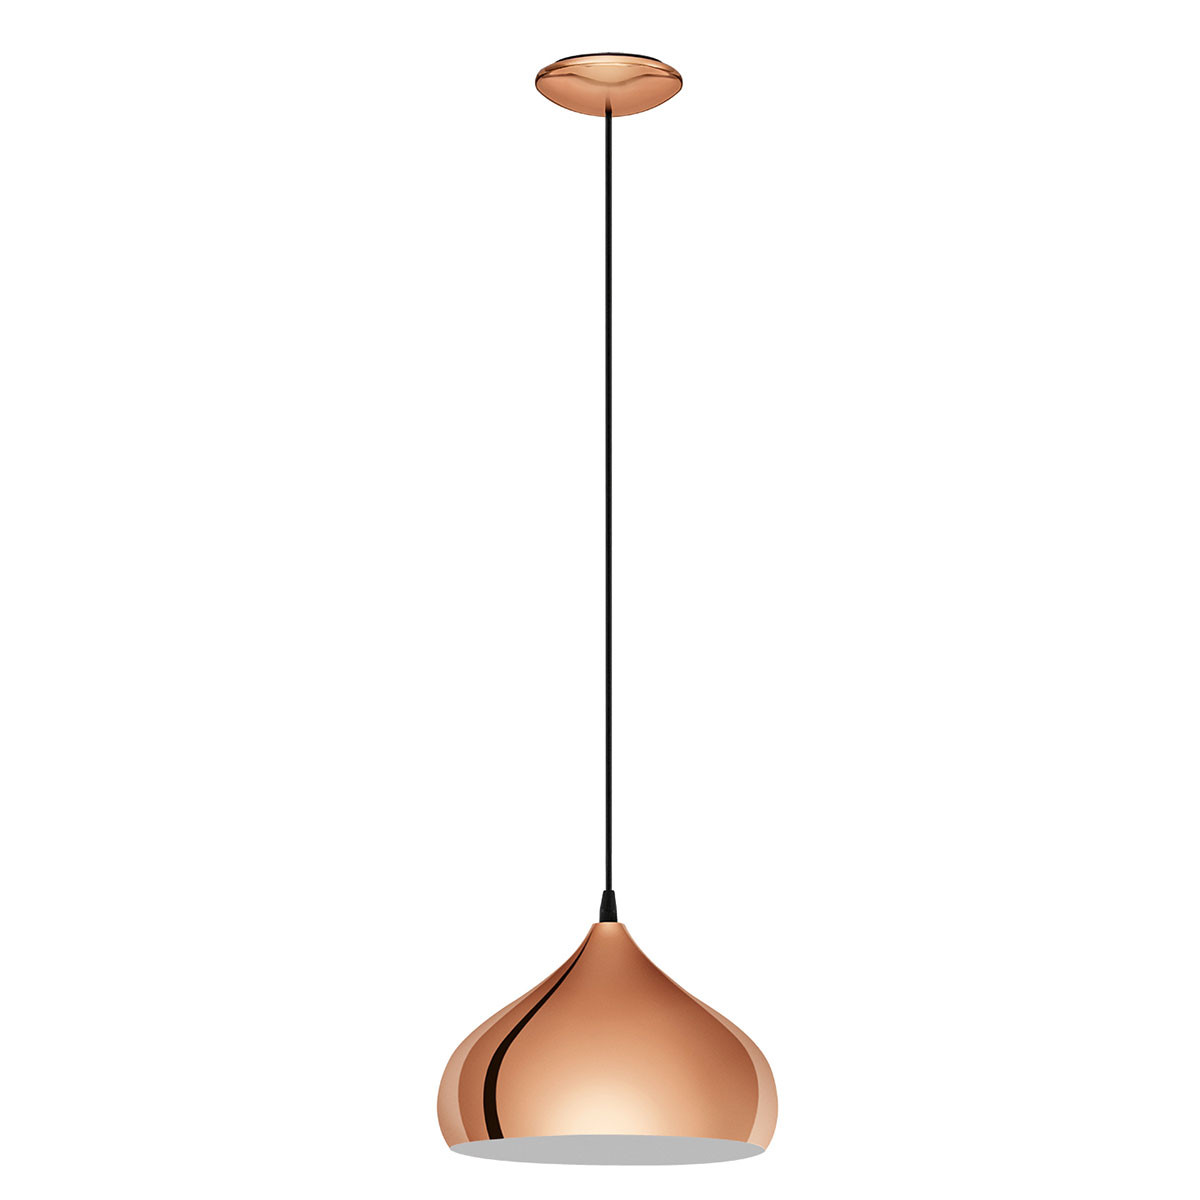 Φωτιστικό Οροφής Μονόφωτο Eglo Hapton 49449